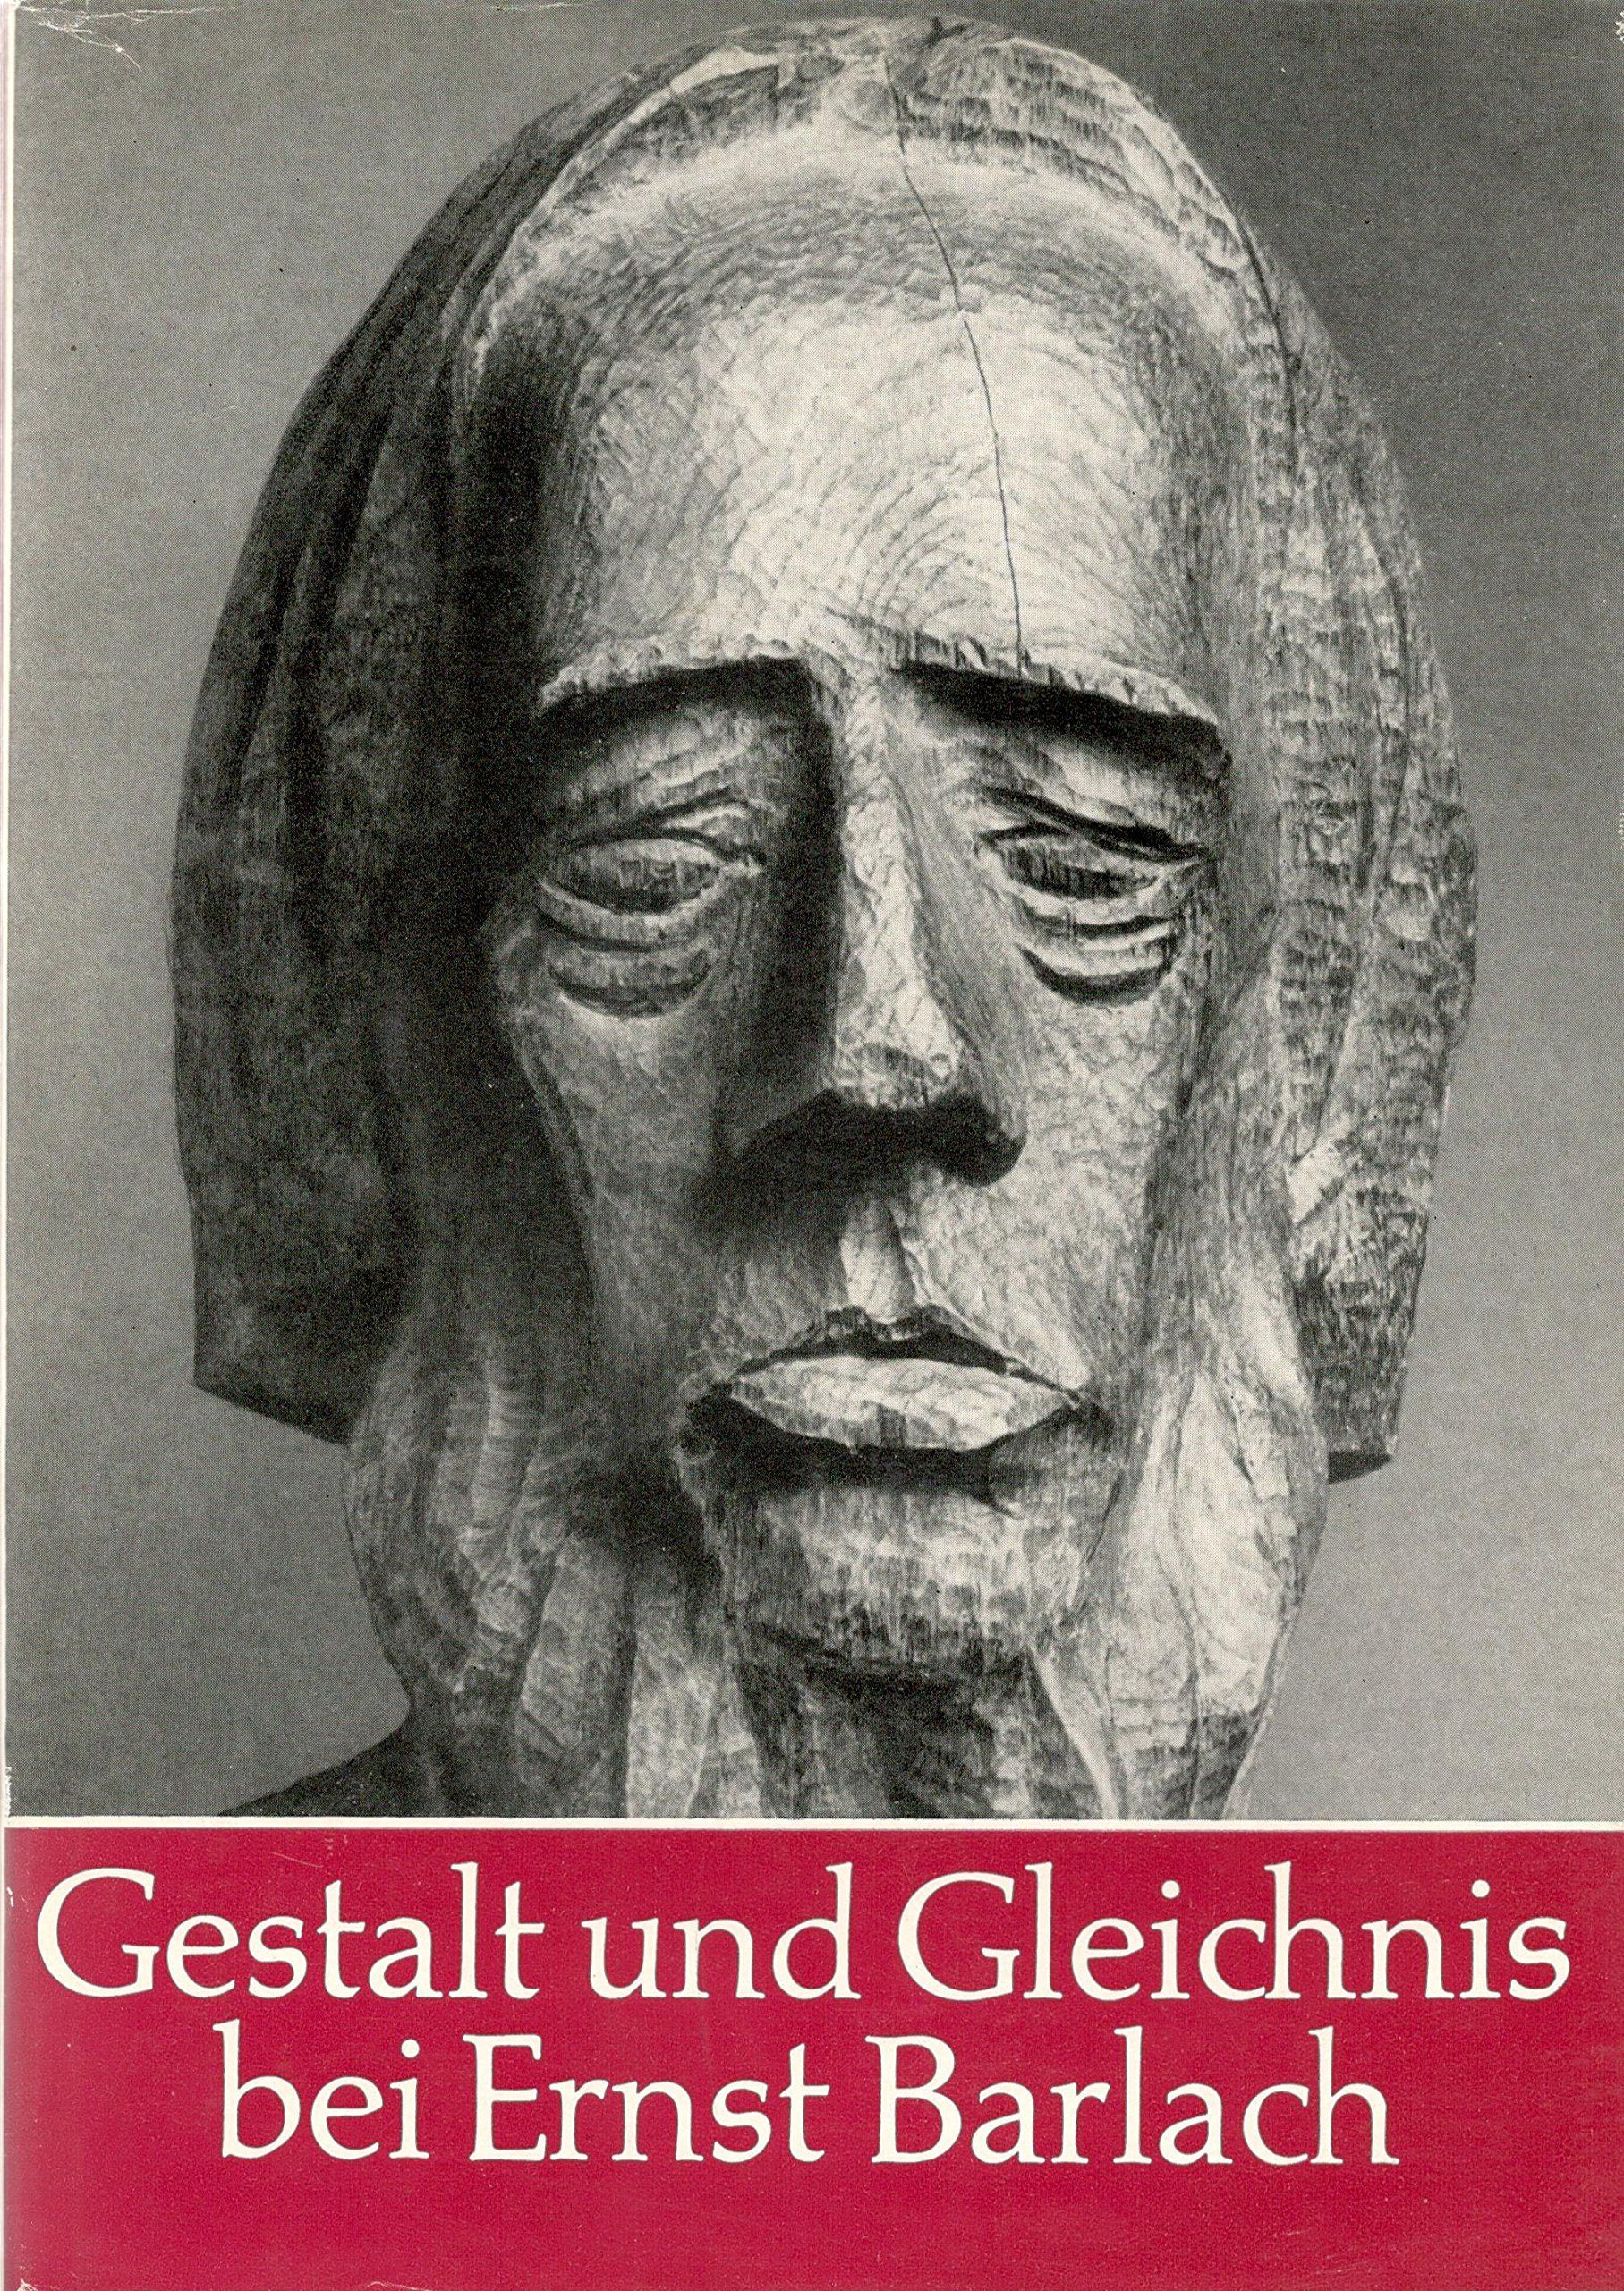 Verlag: Evang. Verl.-Anst. (1965)